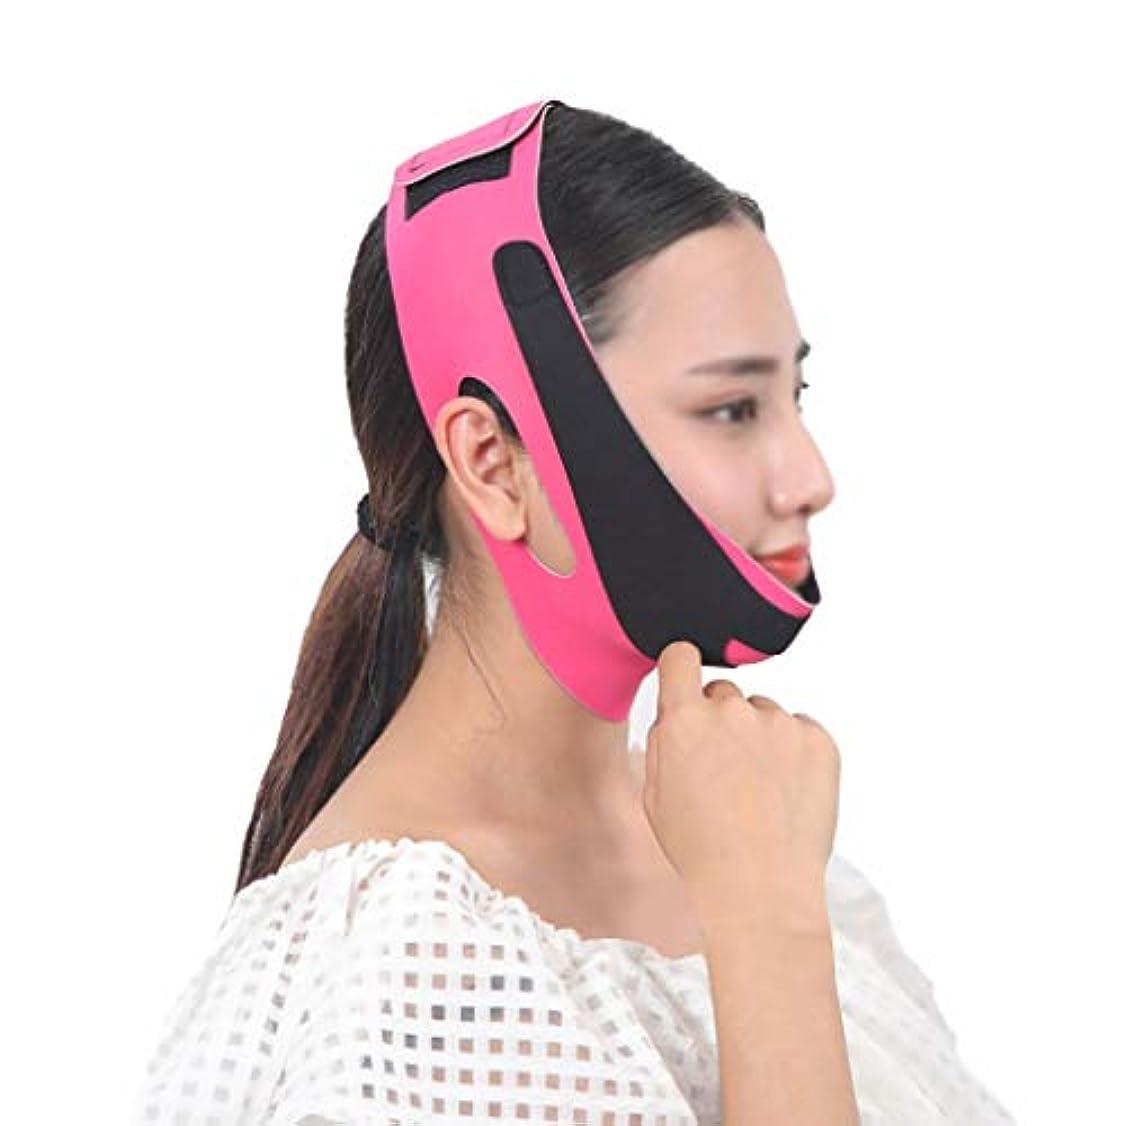 有効ウィスキーそれ顔と首リフト術後弾性フェイスマスク小さなV顔アーティファクト薄い顔包帯アーティファクトV顔吊り耳リフティング引き締まった薄い顔アーティファクト